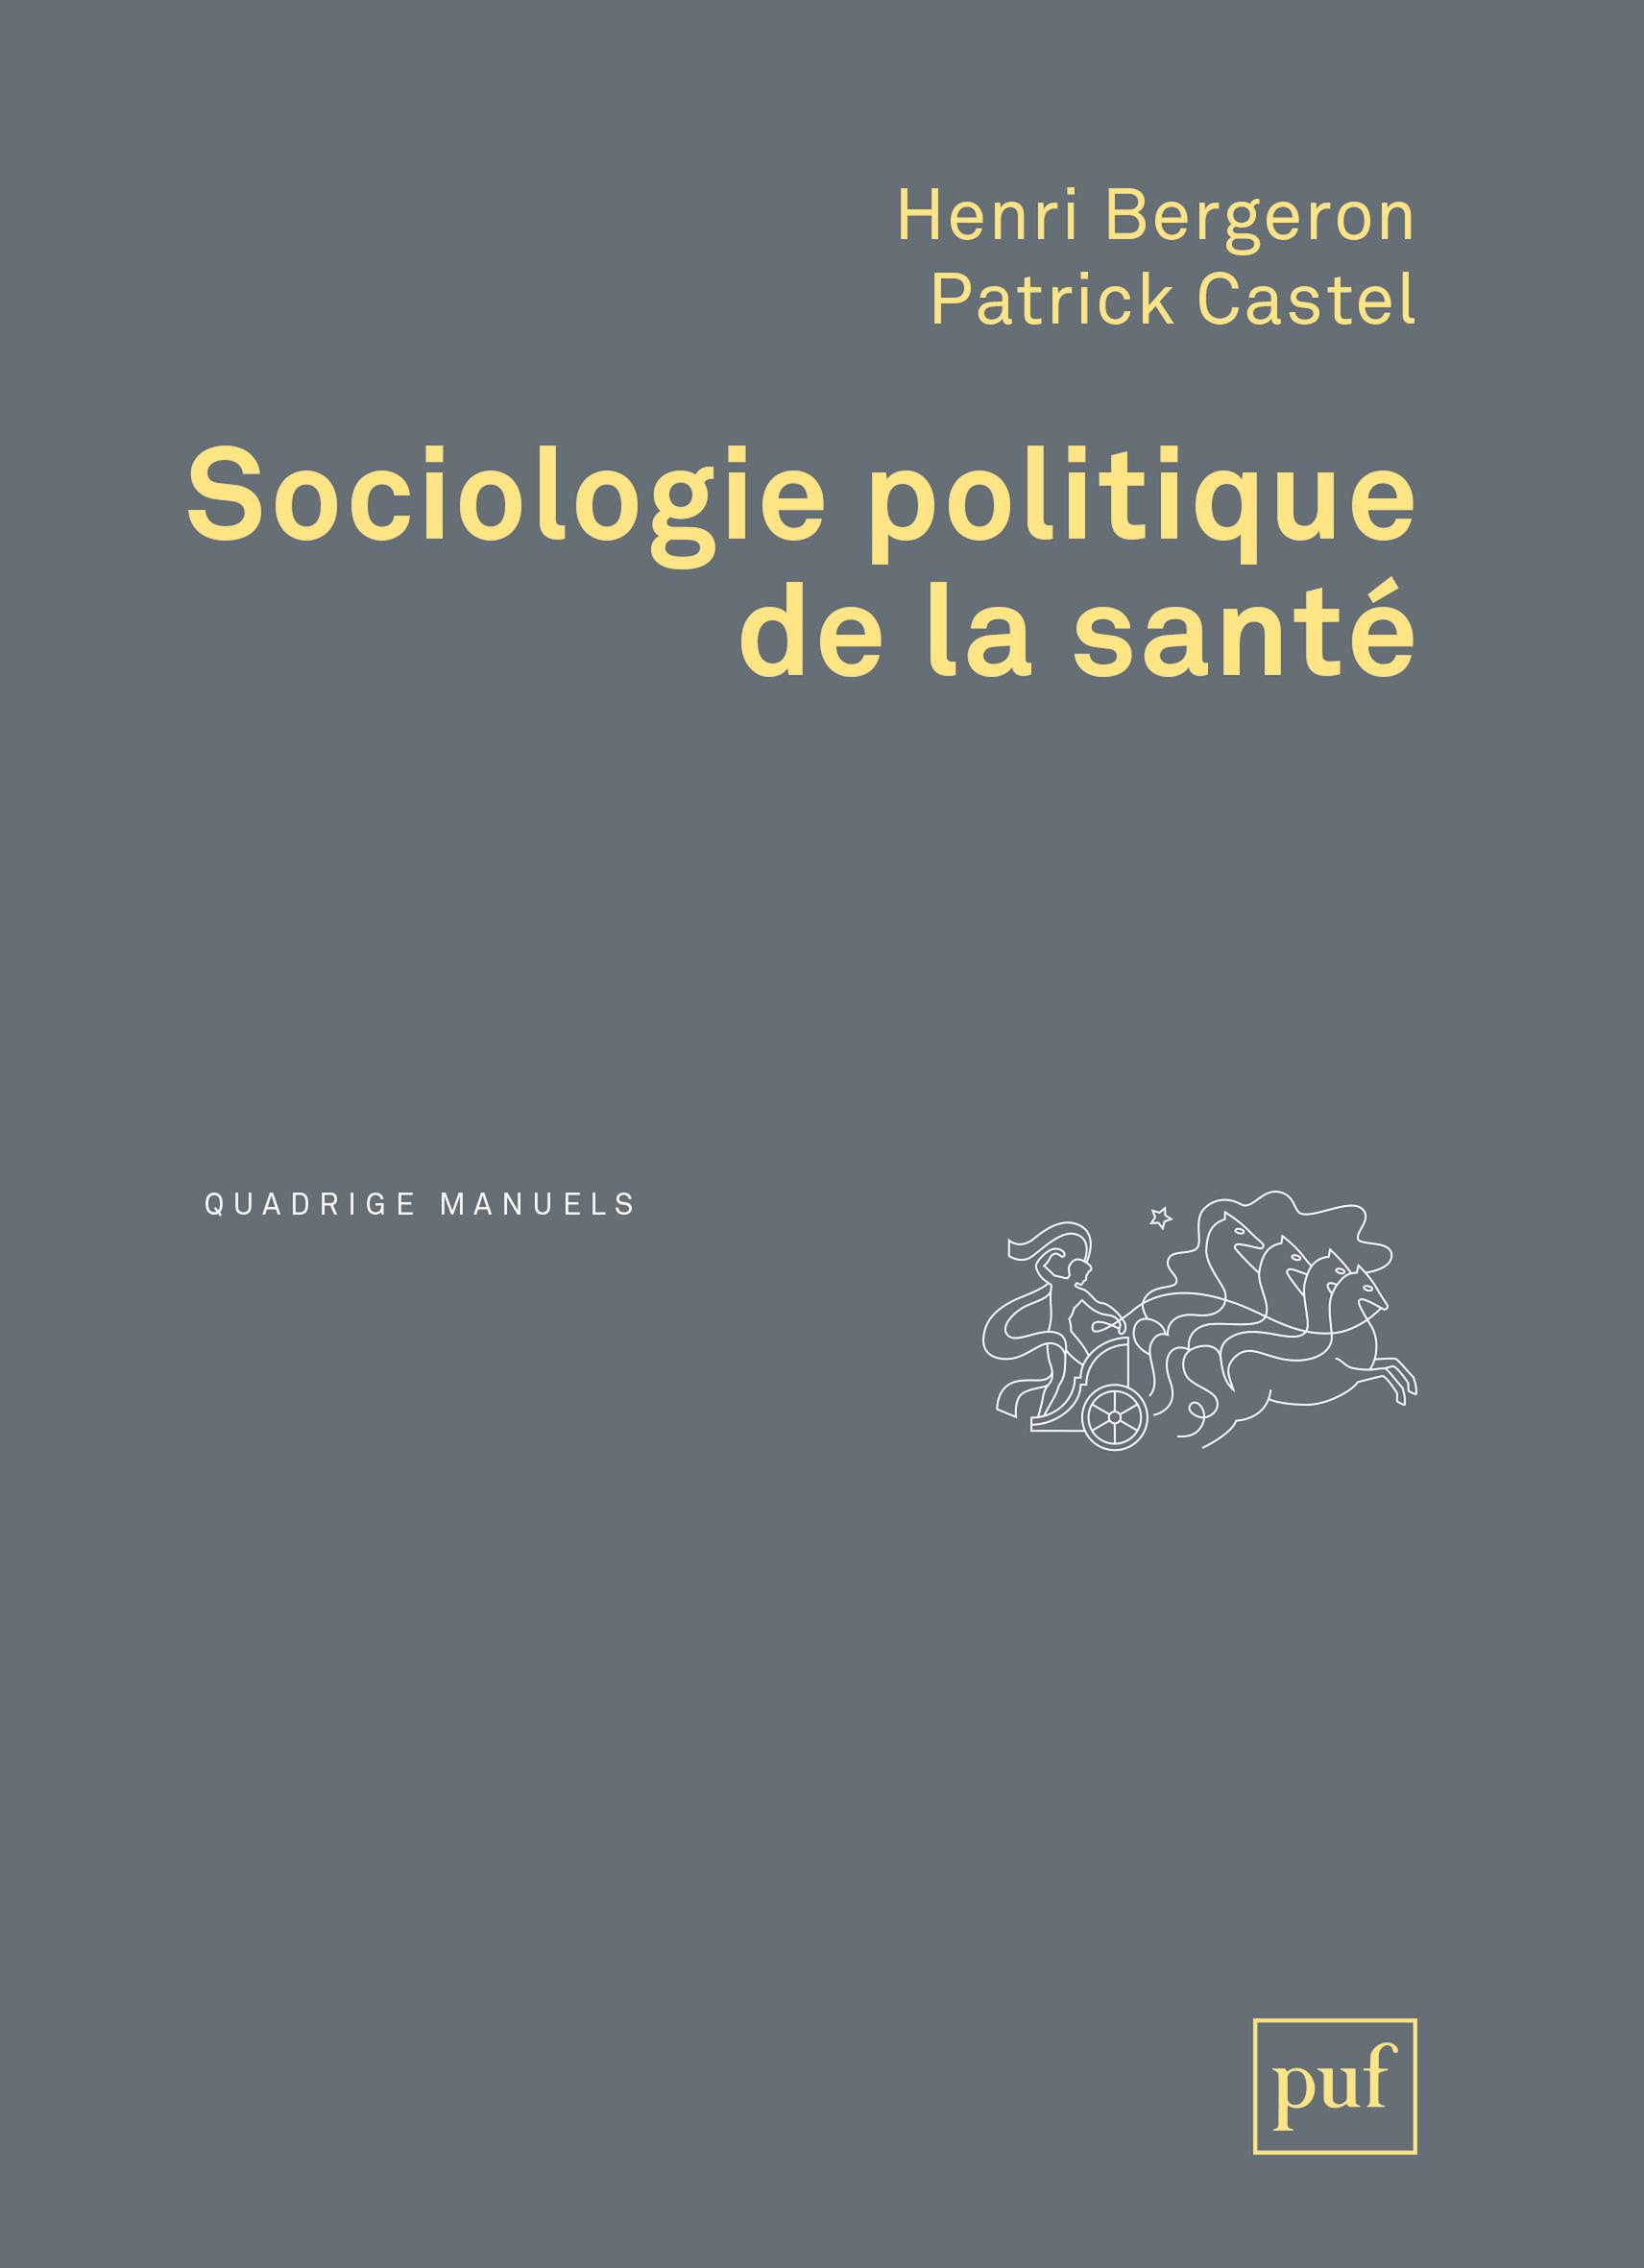 SOCIOLOGIE POLITIQUE DE LA SANTE